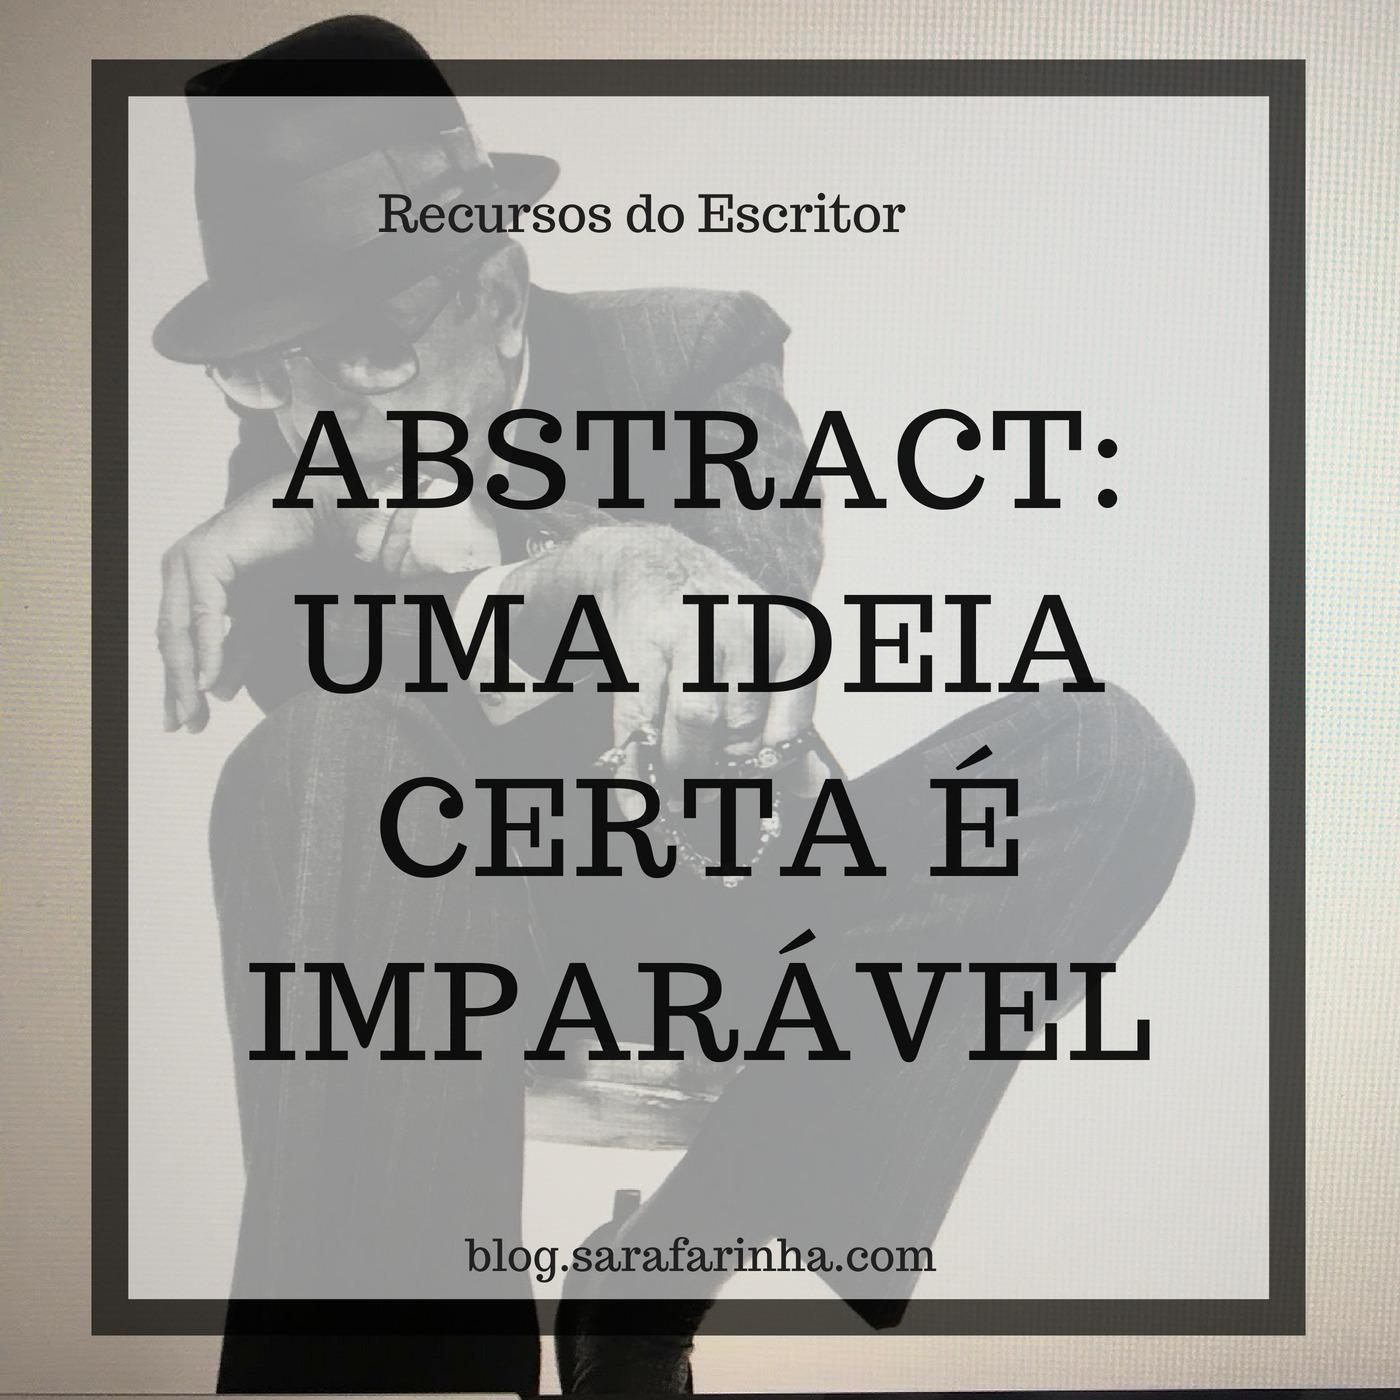 Abstract uma ideia certa é imparável